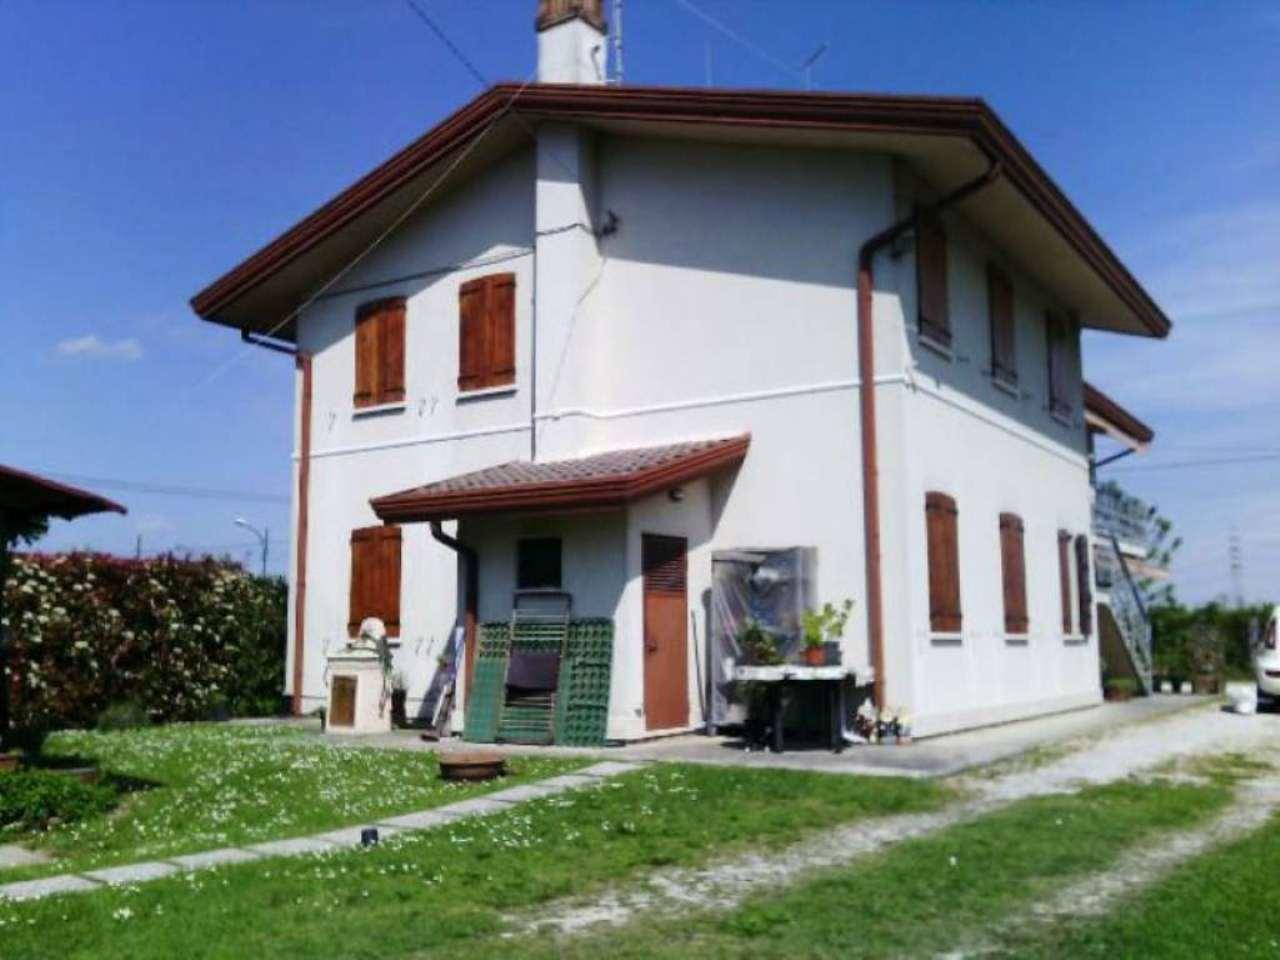 Soluzione Indipendente in vendita a Martellago, 6 locali, prezzo € 275.000 | Cambio Casa.it